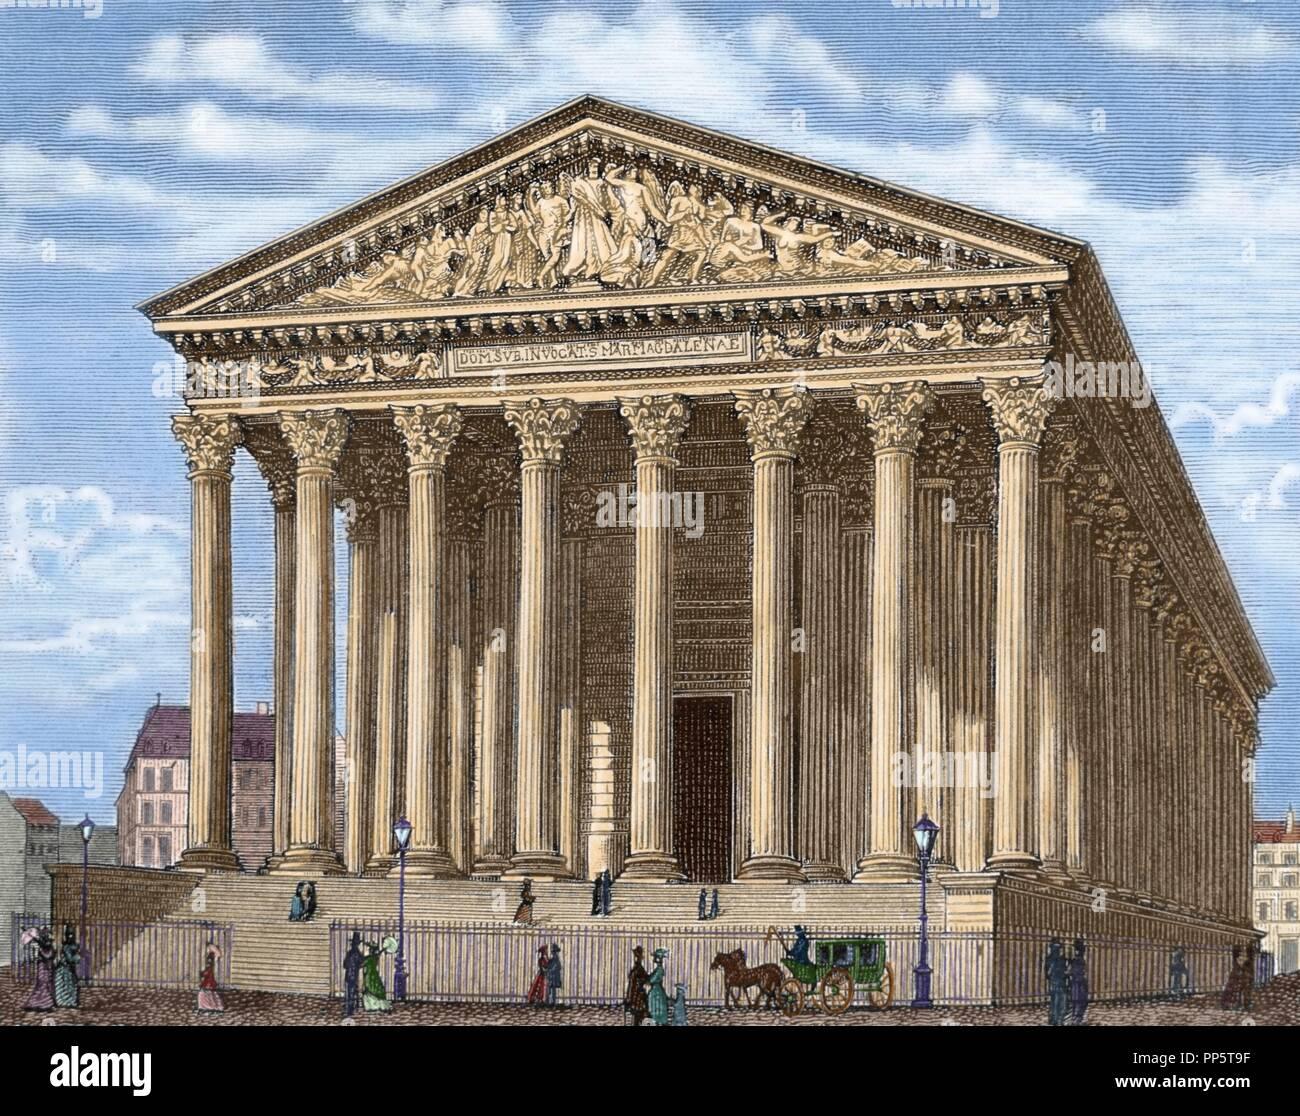 La Madeleine (L'e_glise de la Madeleine). 1806 Erbaut, wurde es als ein Tempel für die Herrlichkeit von Napoleons Armee konzipiert. Paris. Frankreich. Farbige Gravur. Stockfoto